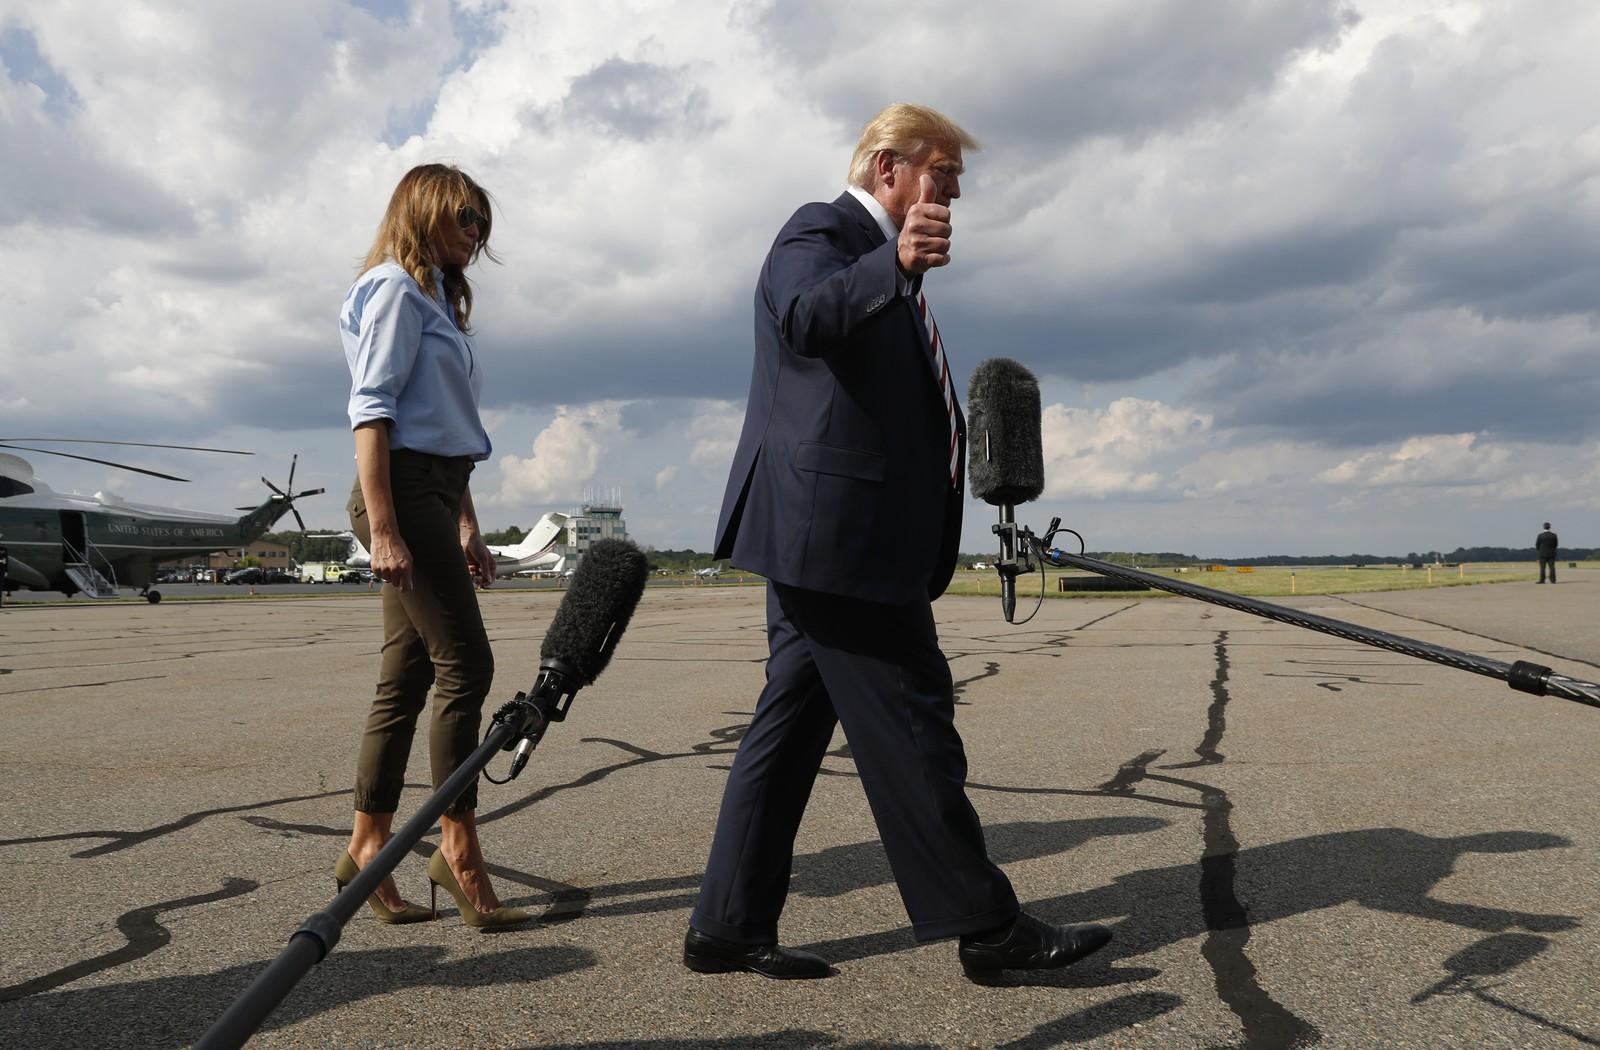 O presidente americano, Donald Trump, e a esposa, Melania, andam em direção à imprensa antes de o presidente falar neste domingo (4), em Morristown, Nova Jérsei. — Foto: Jacquelyn Martin/AP